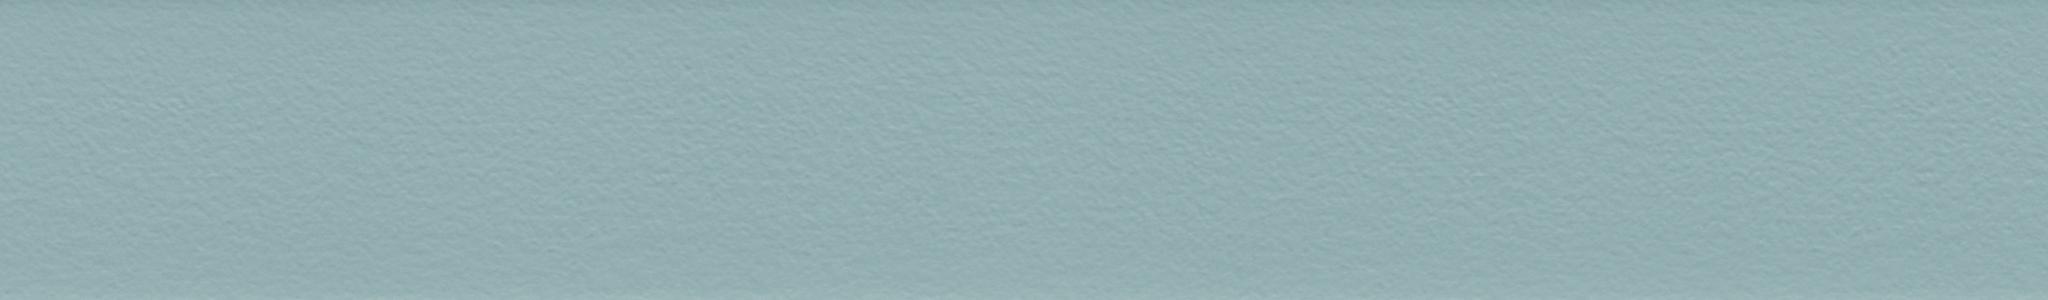 HU 150042 ABS hrana modrá perla jemná 107